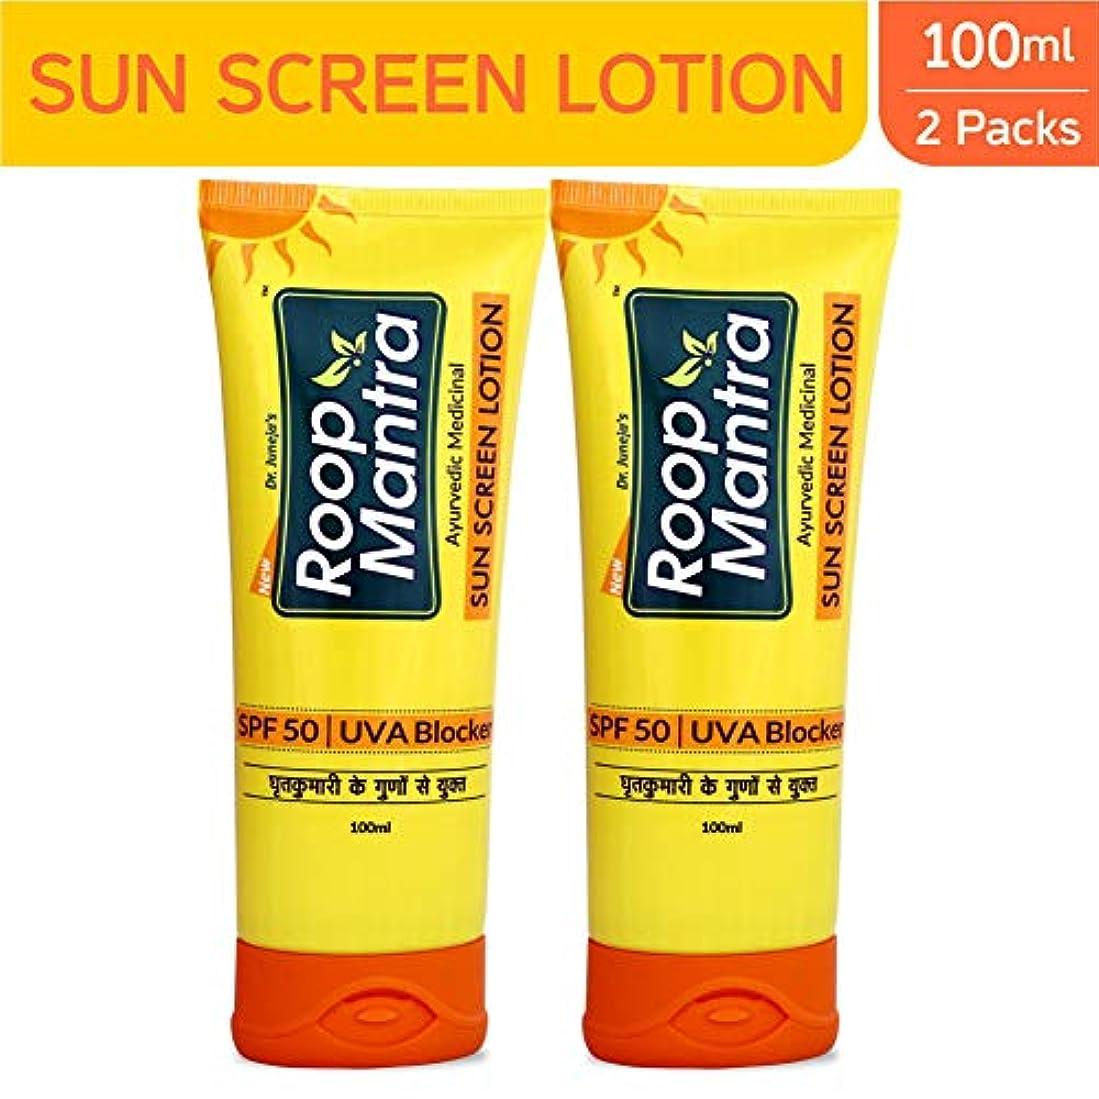 スティック悪名高いレンディションRoop Mantra Sun Screen Lotion, 100ml (Pack of 2)